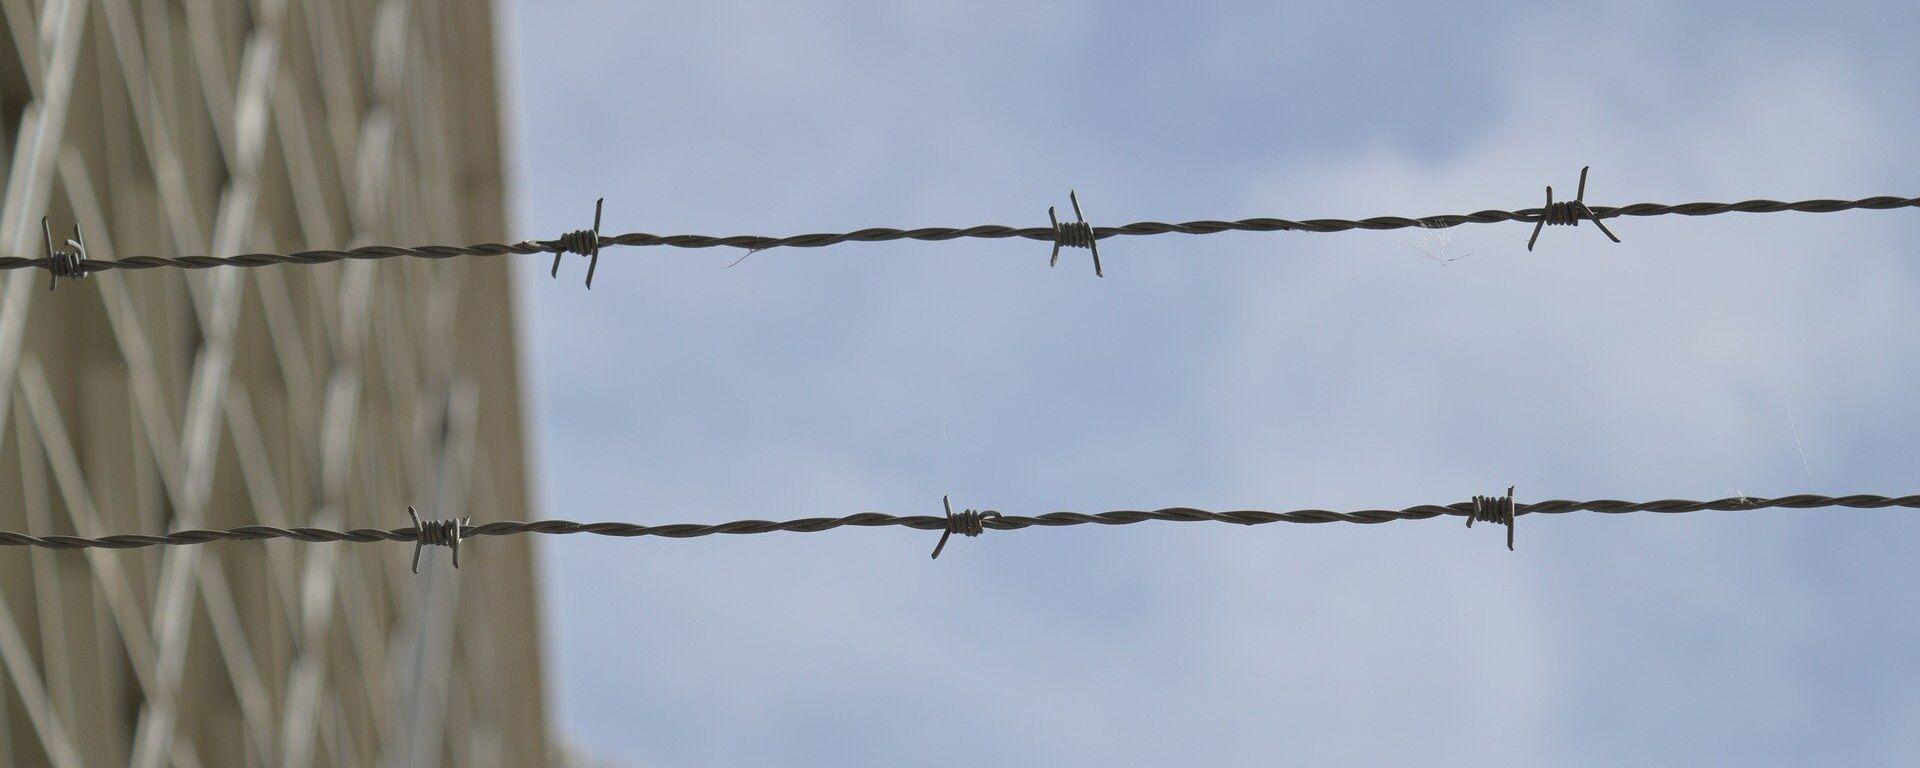 Una cárcel (imagen ilustrativa) - Sputnik Mundo, 1920, 11.05.2021